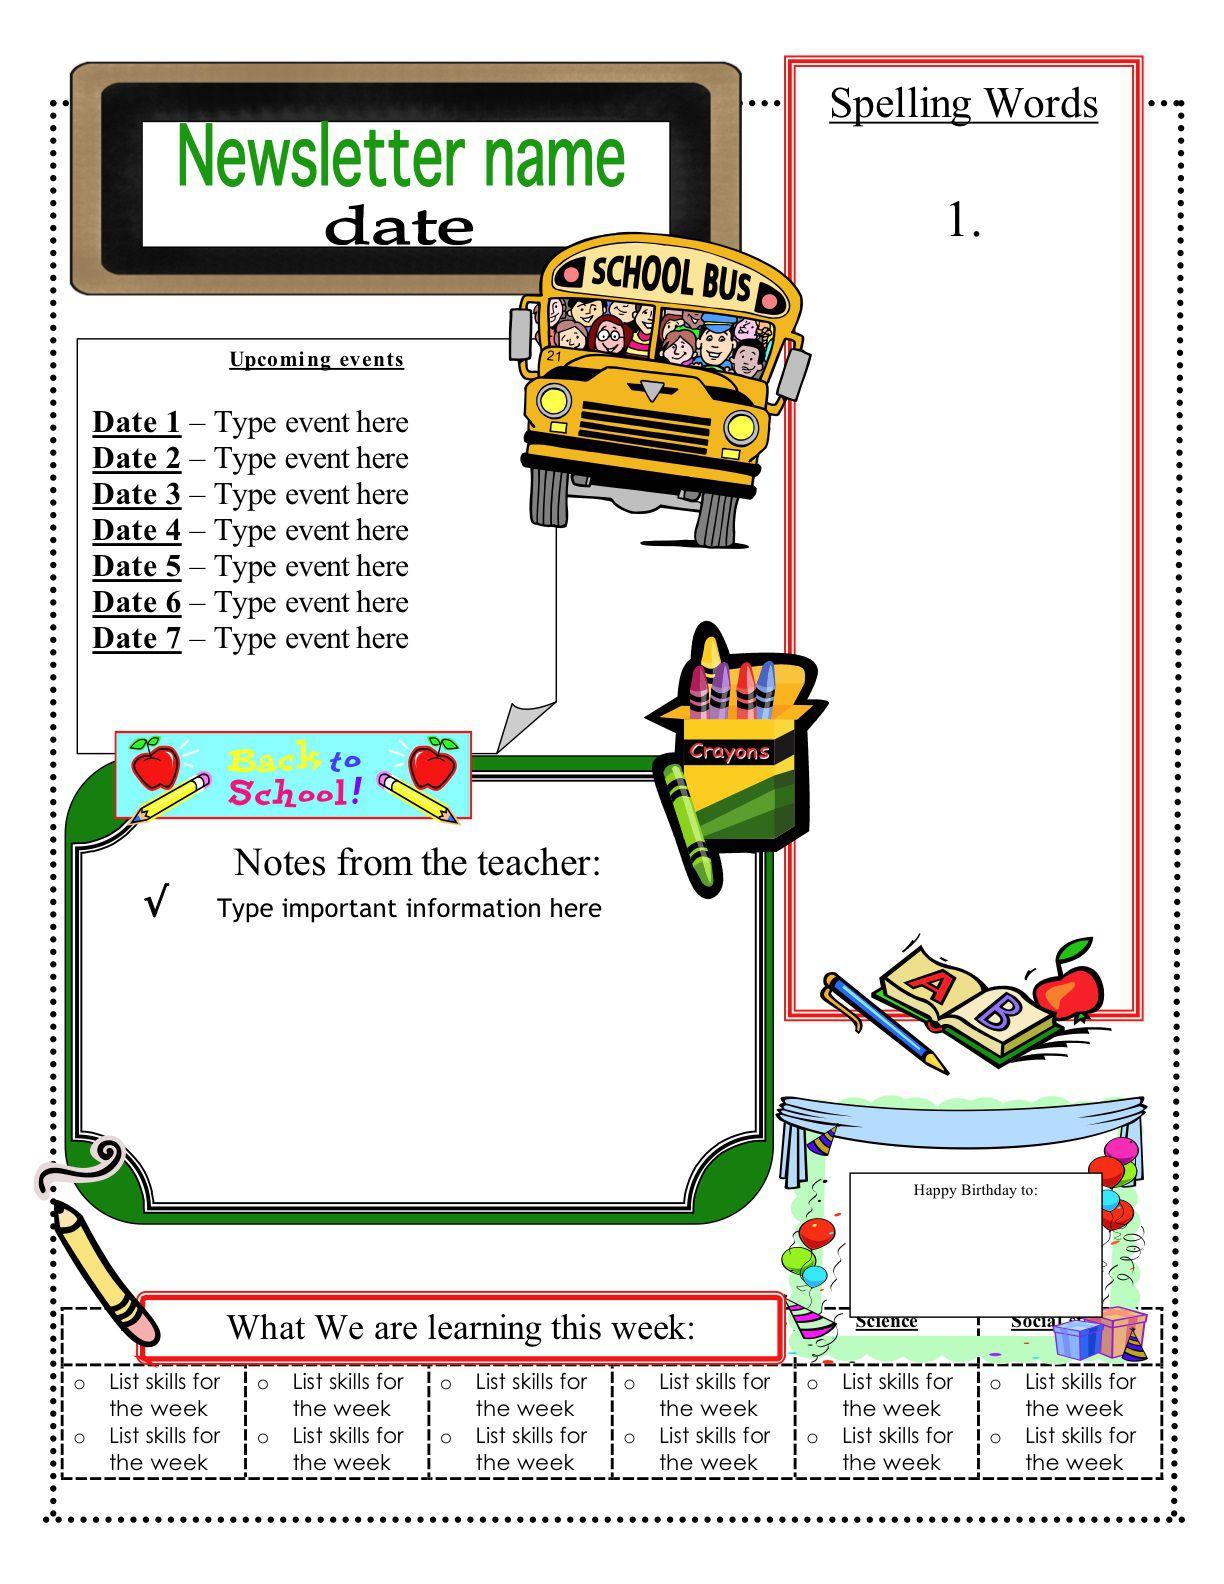 002 Sensational Free Teacher Newsletter Template Sample  Classroom For Microsoft Word Google DocFull